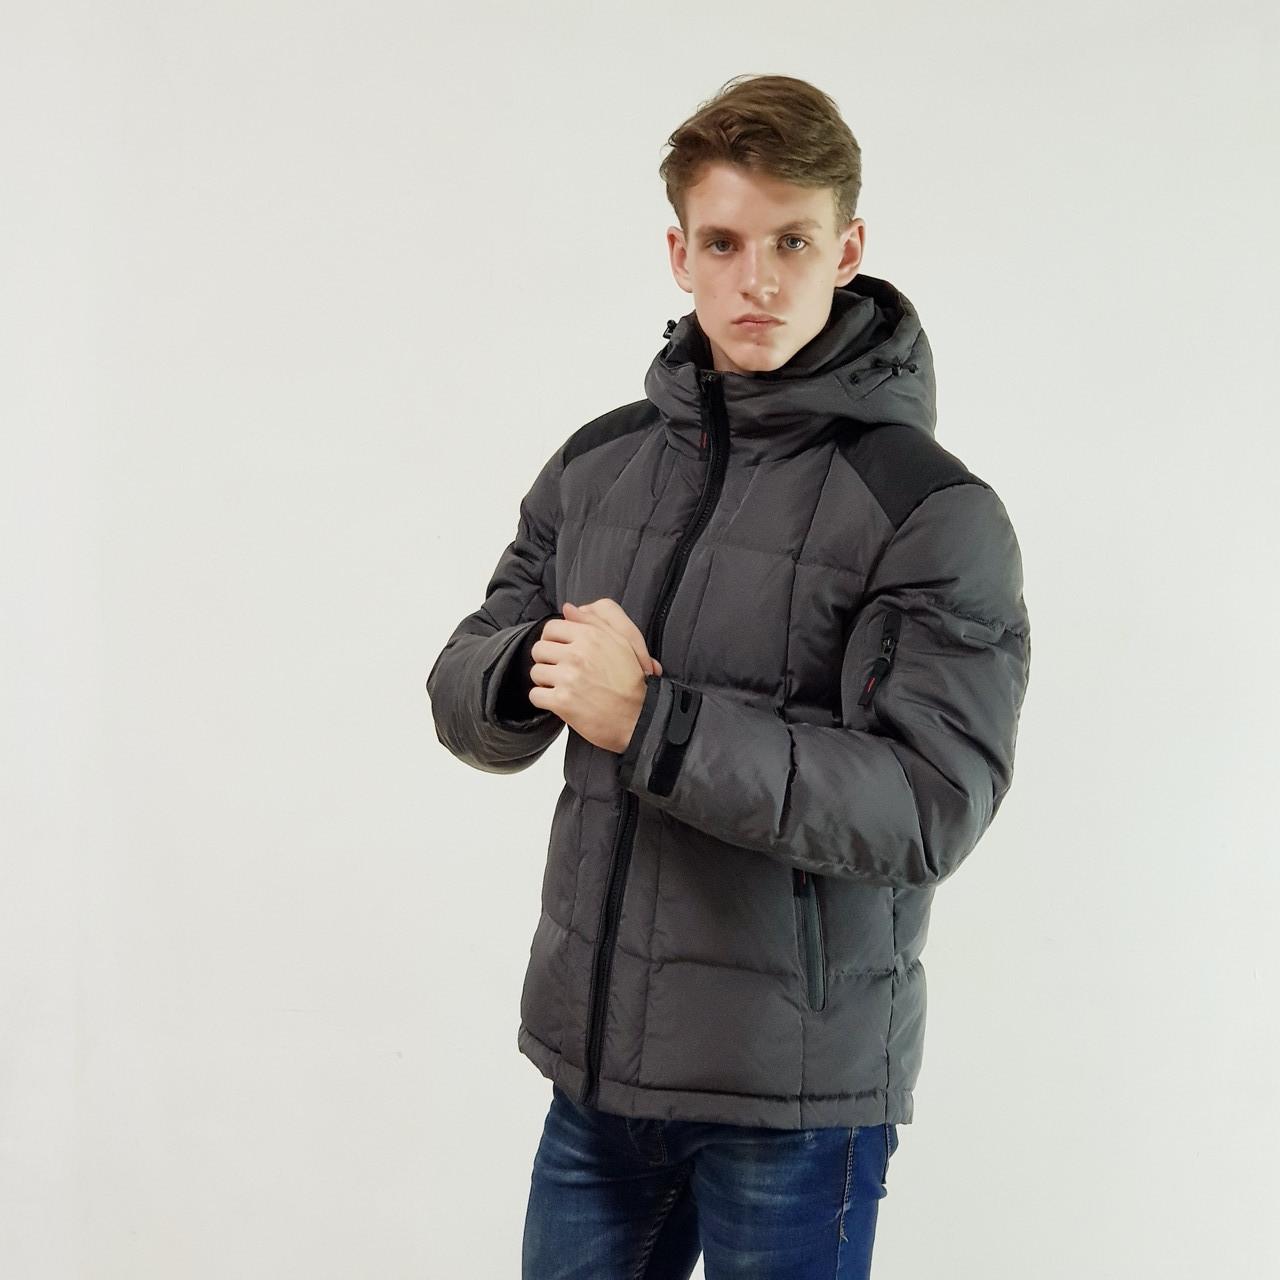 Мужской пуховик с капюшоном Snowimage  темно-серый зимний на пуху, скидки